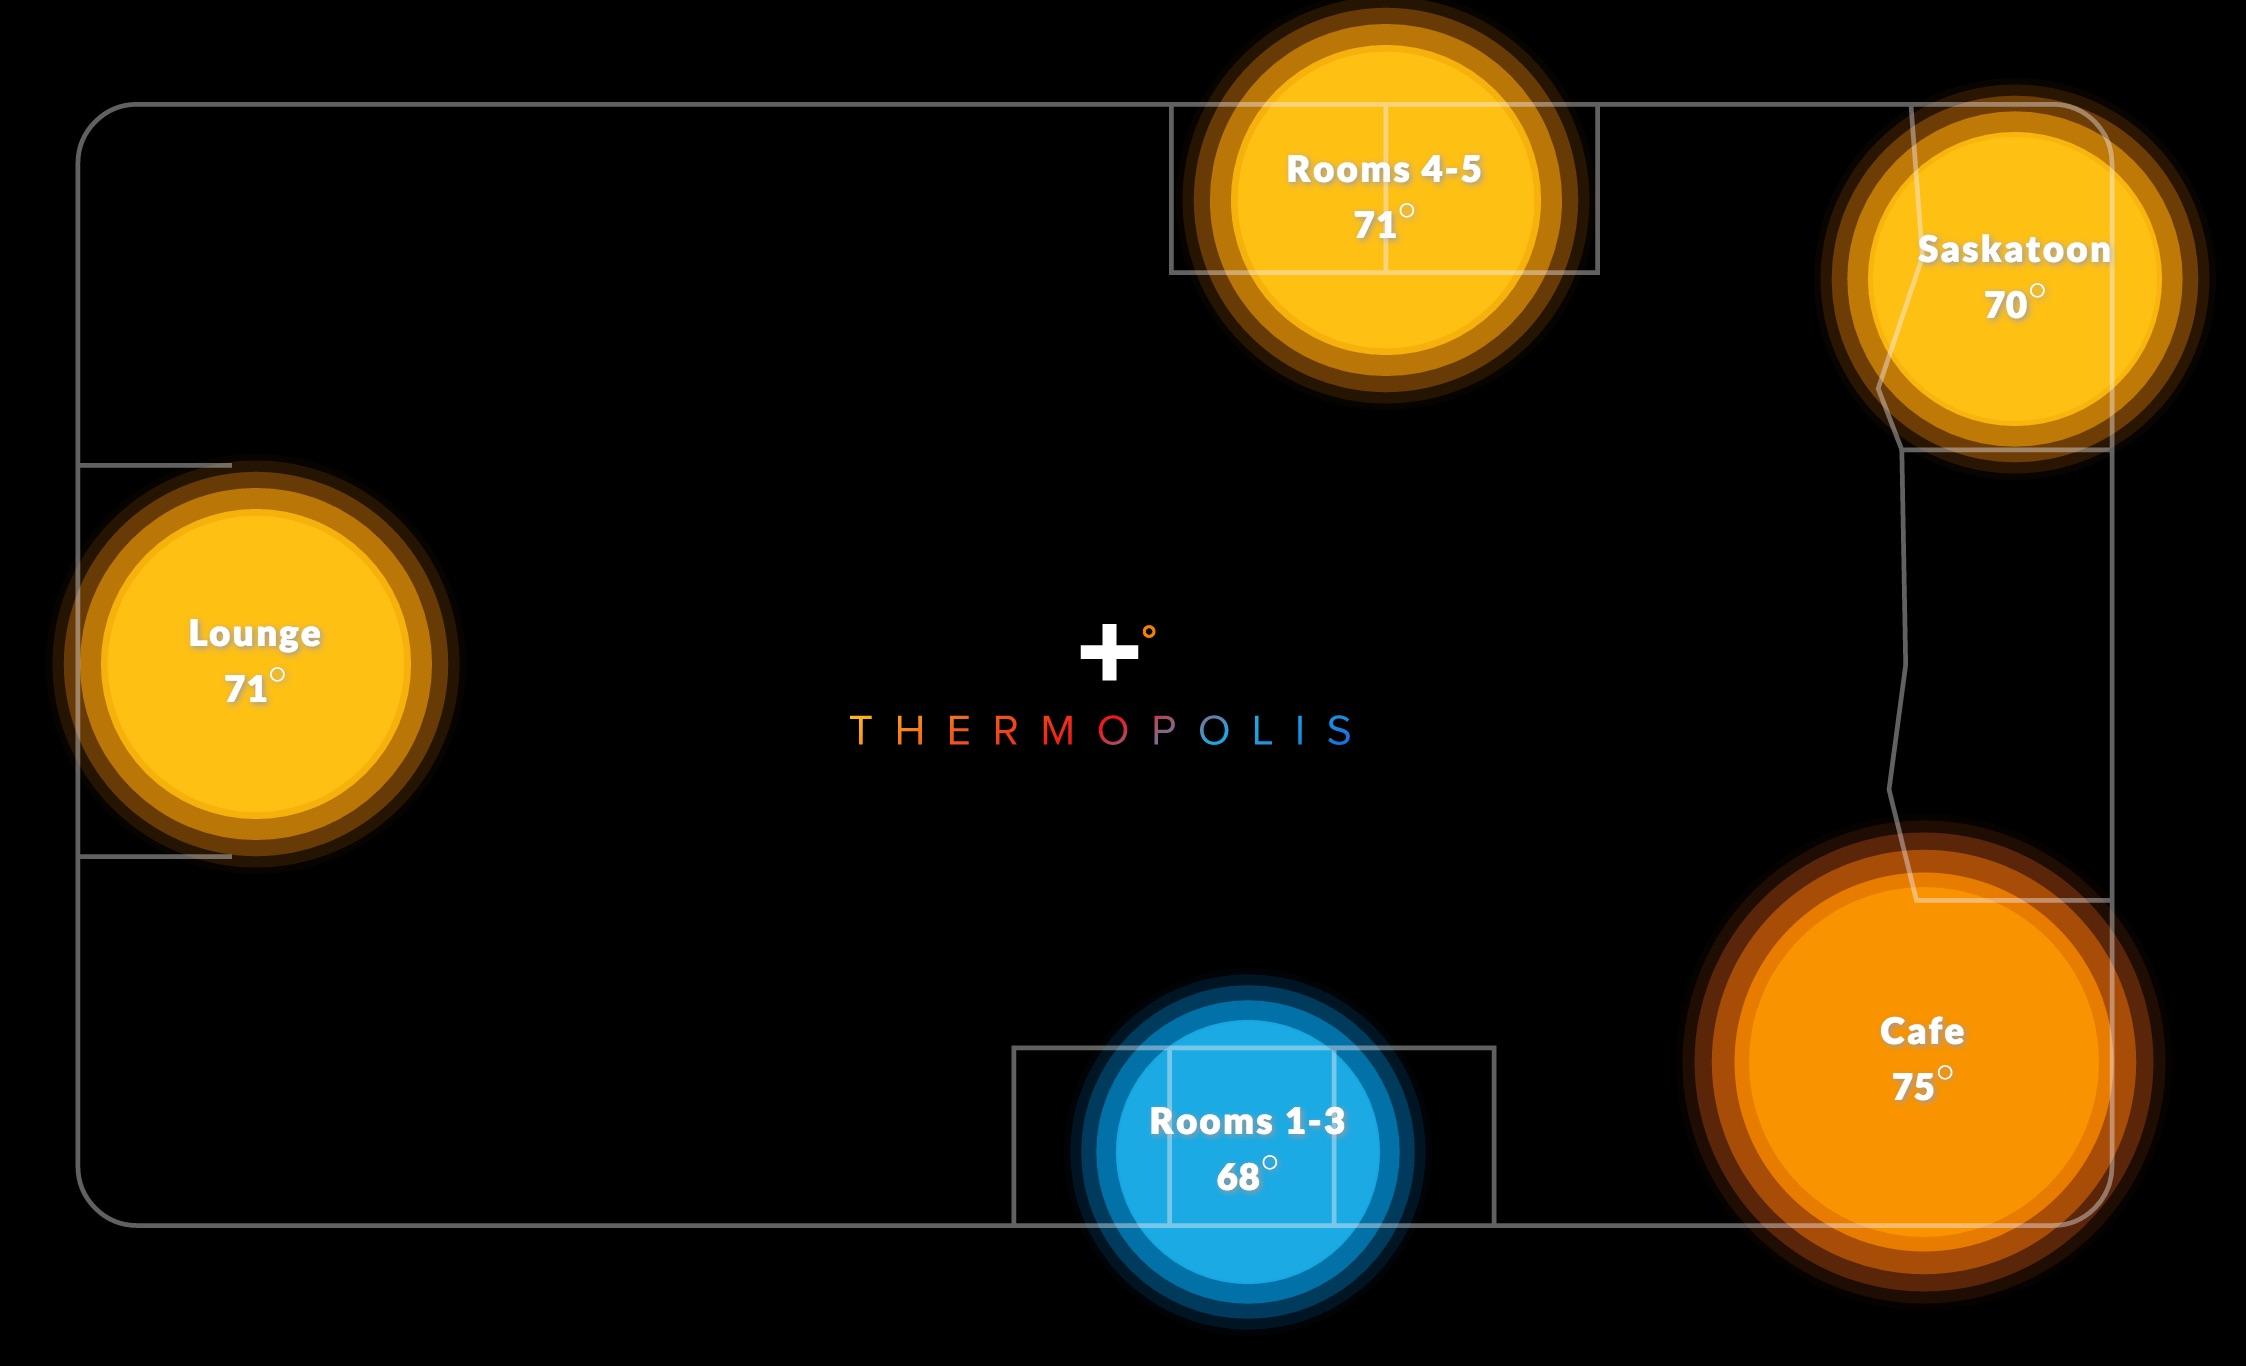 Thermopolis